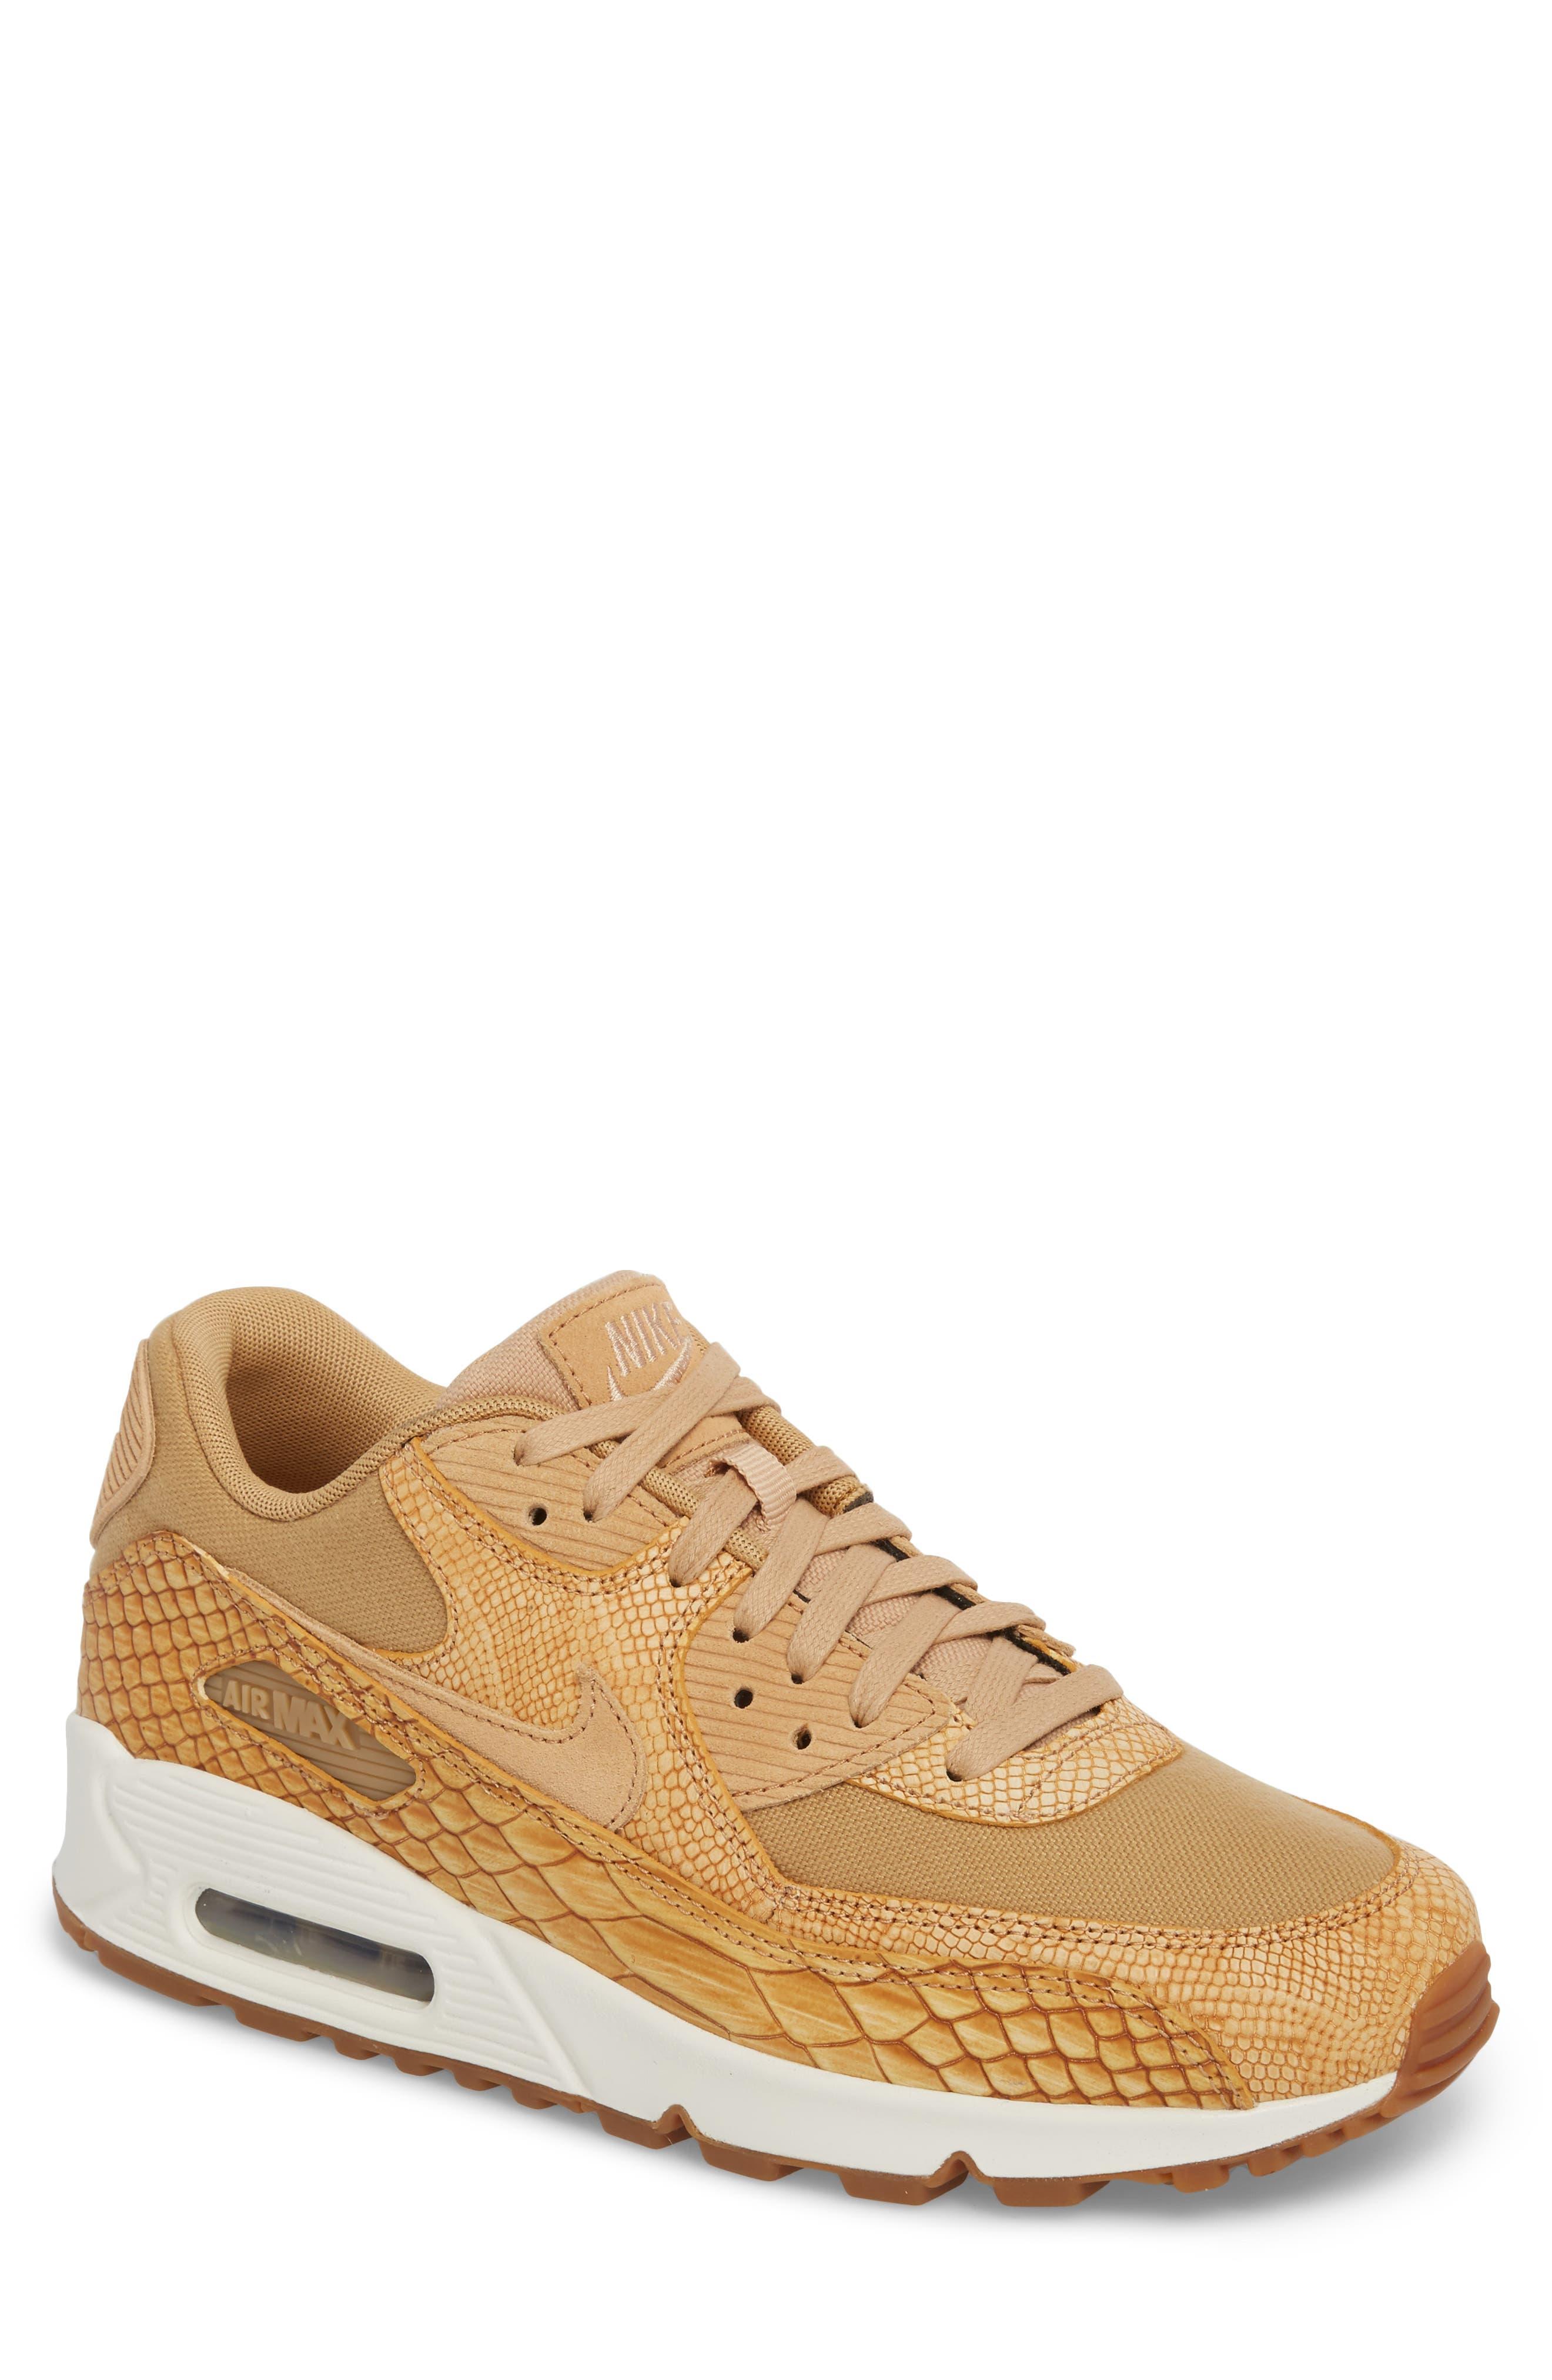 Air Max 90 Premium Sneaker,                         Main,                         color, Tan/ Tan/ Elemental Gold